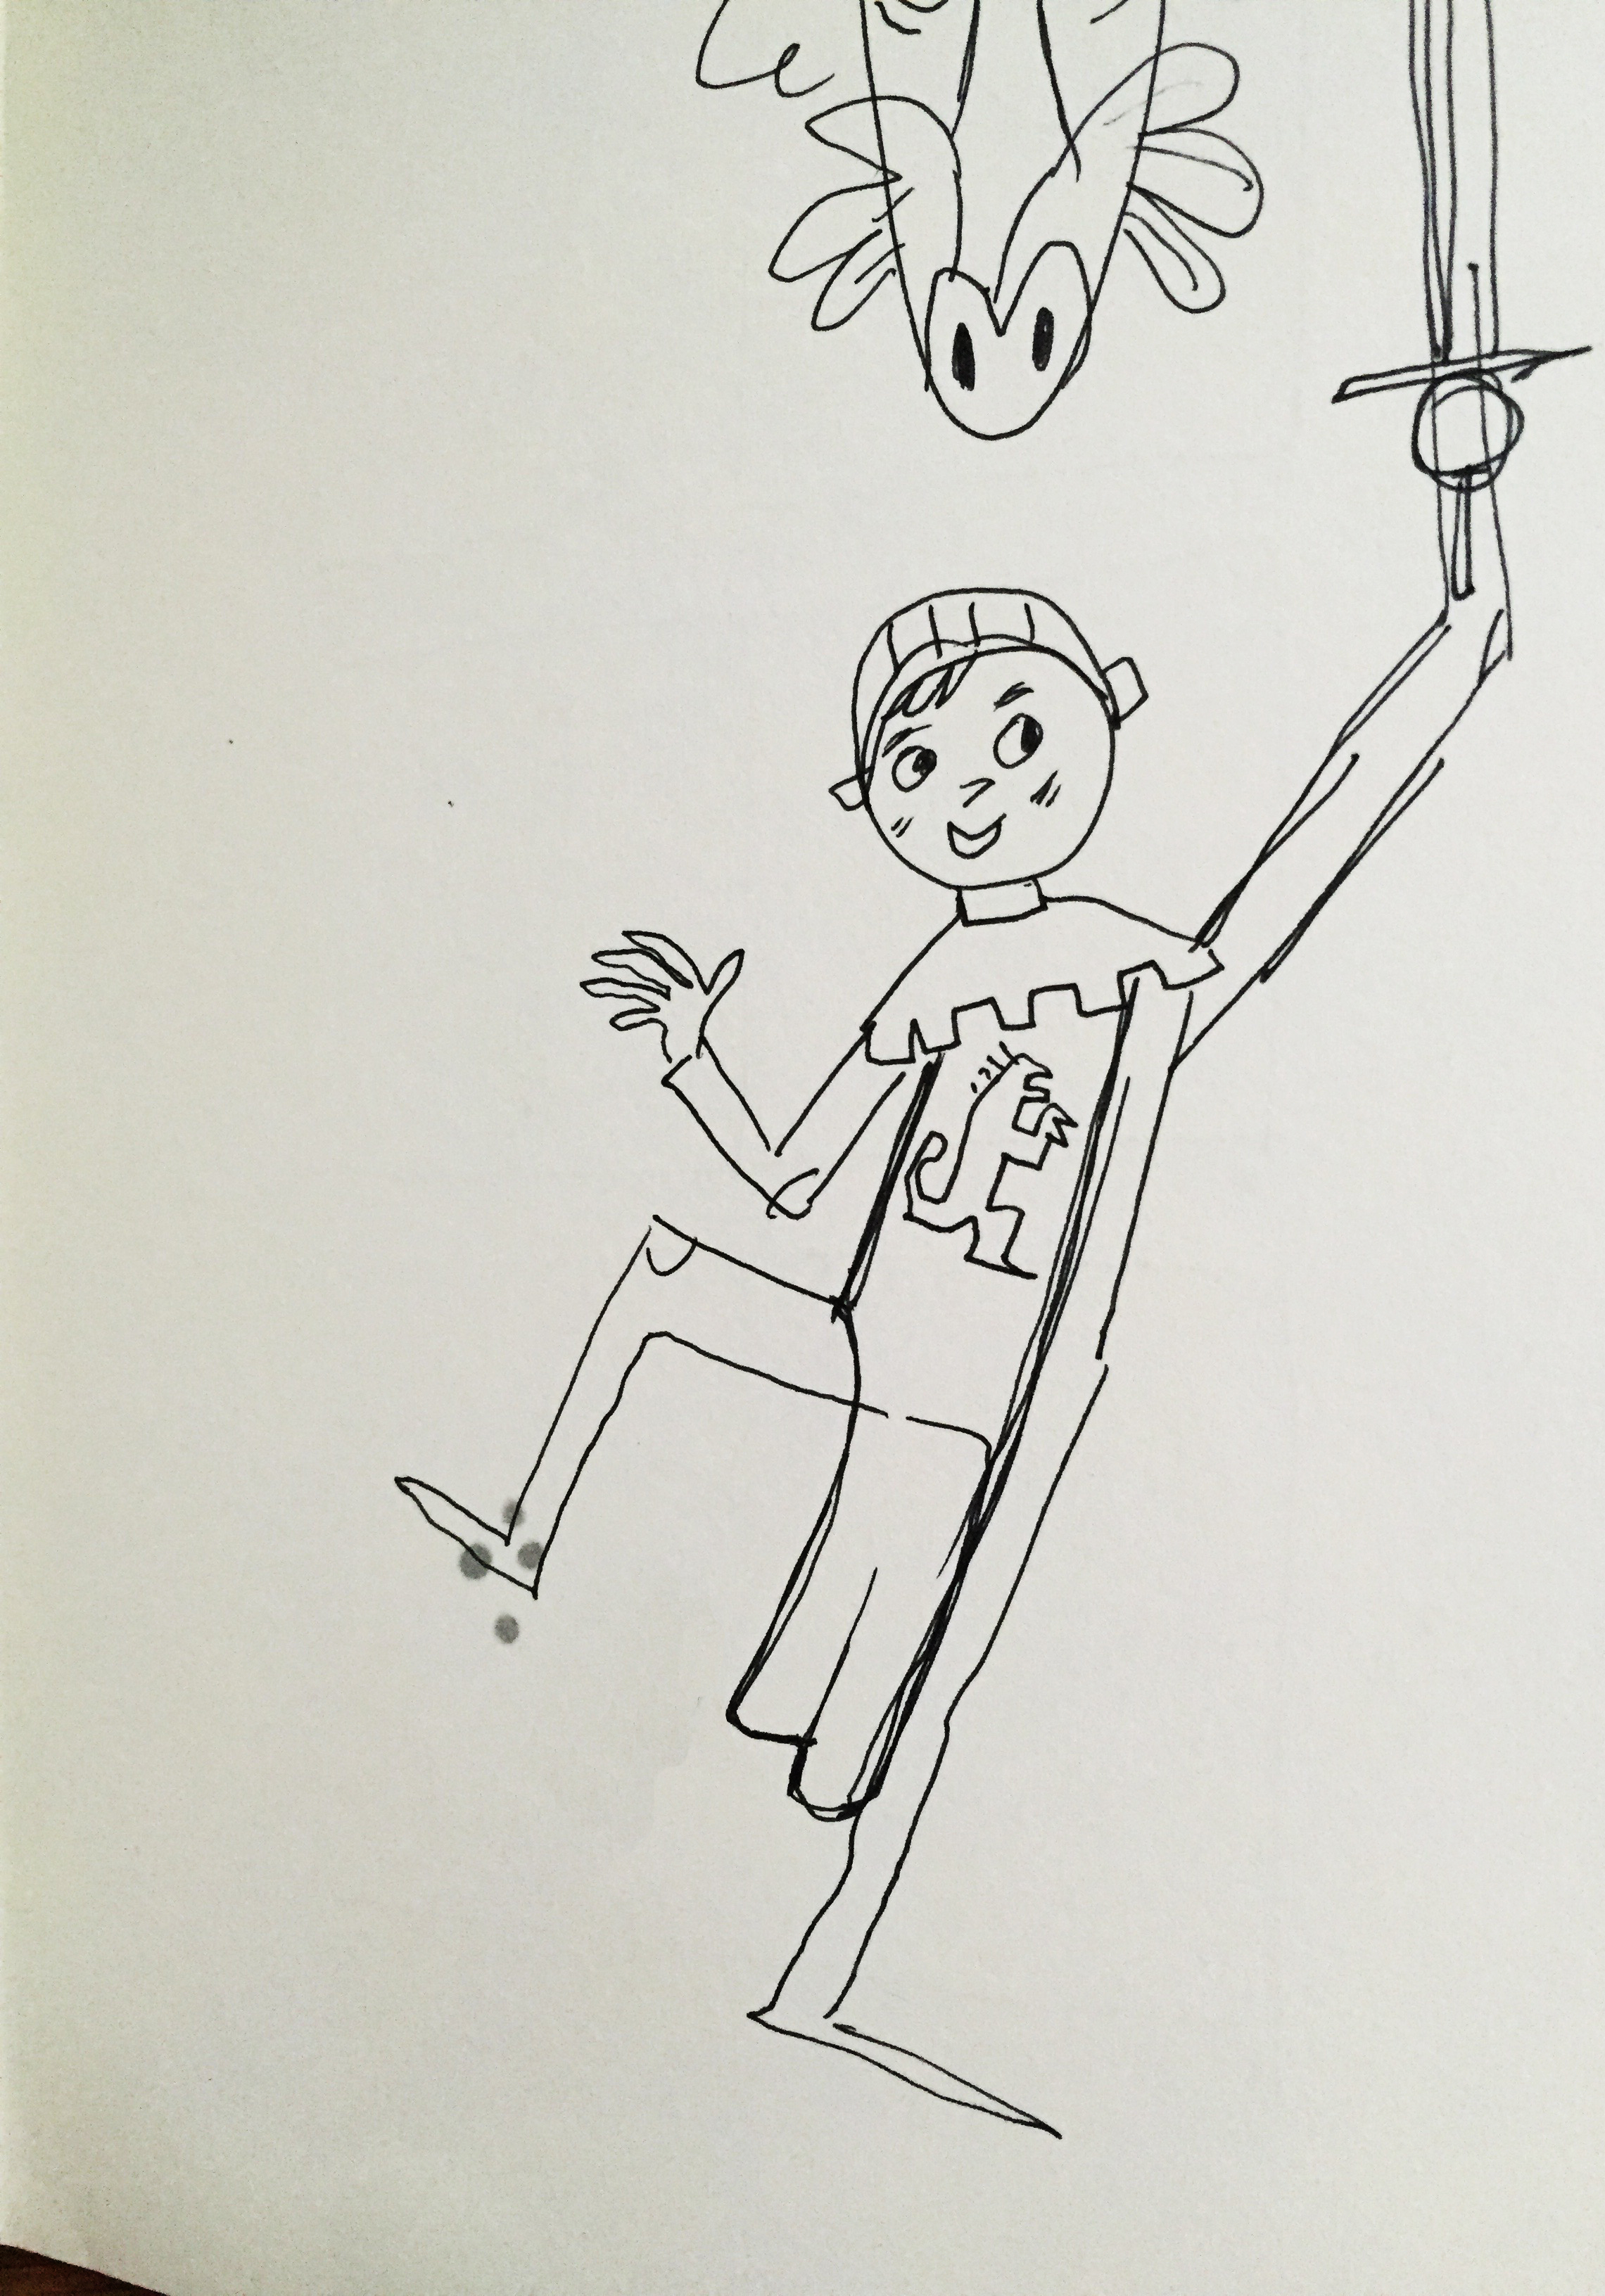 Early, early sketch of boy. Pretty lanky!